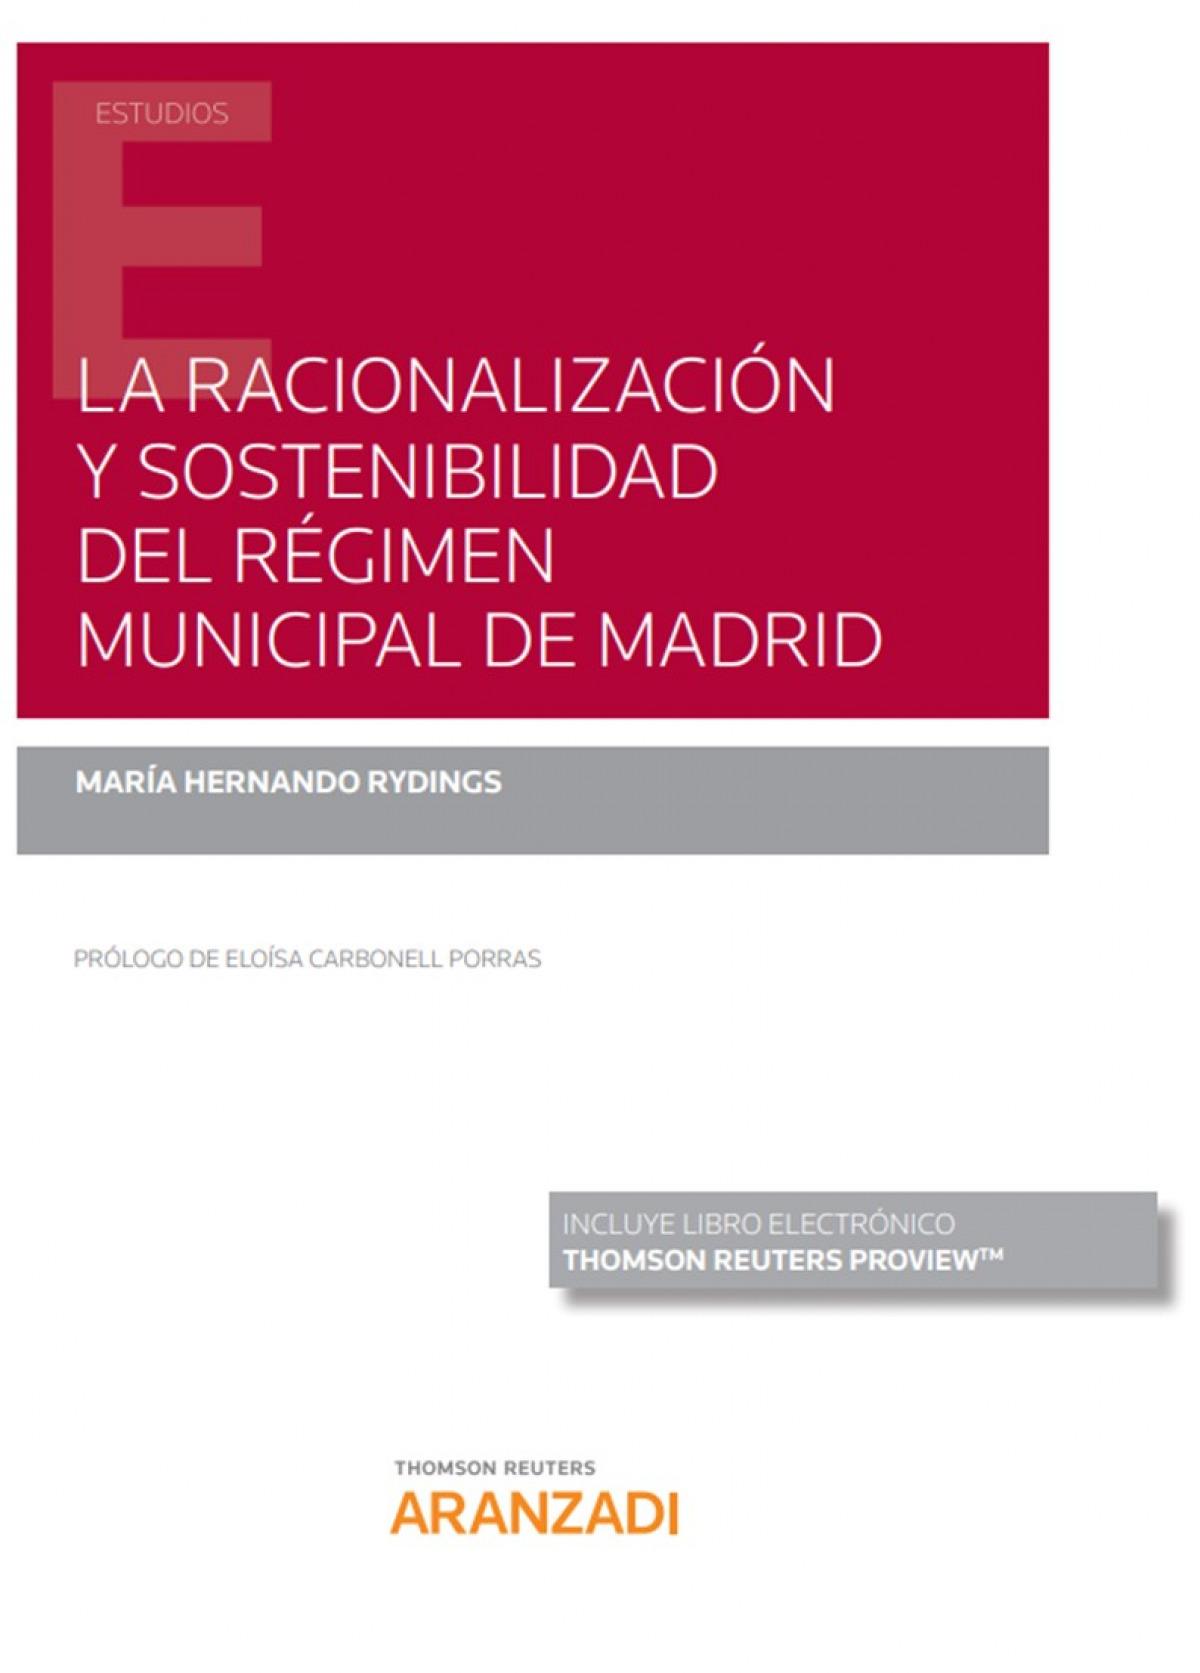 RACIONALIZACION Y SOSTENIBILIDAD REGIMEN MUNICIPAL MADRID 9788413456119